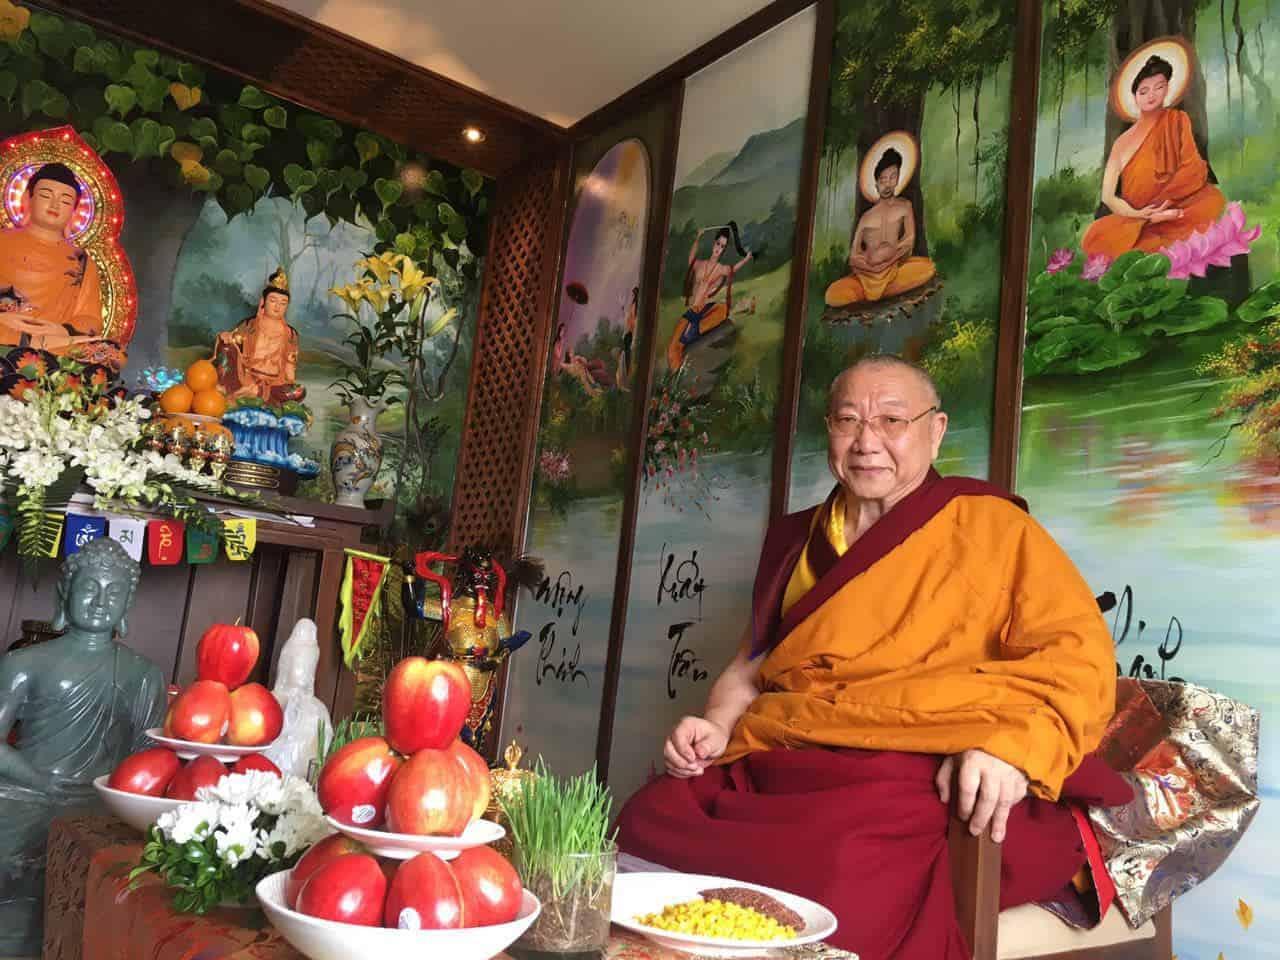 Gosok Rinpoche Vietnam 2017-02-17 172422bf2fd419168953c6ae2de0bb8